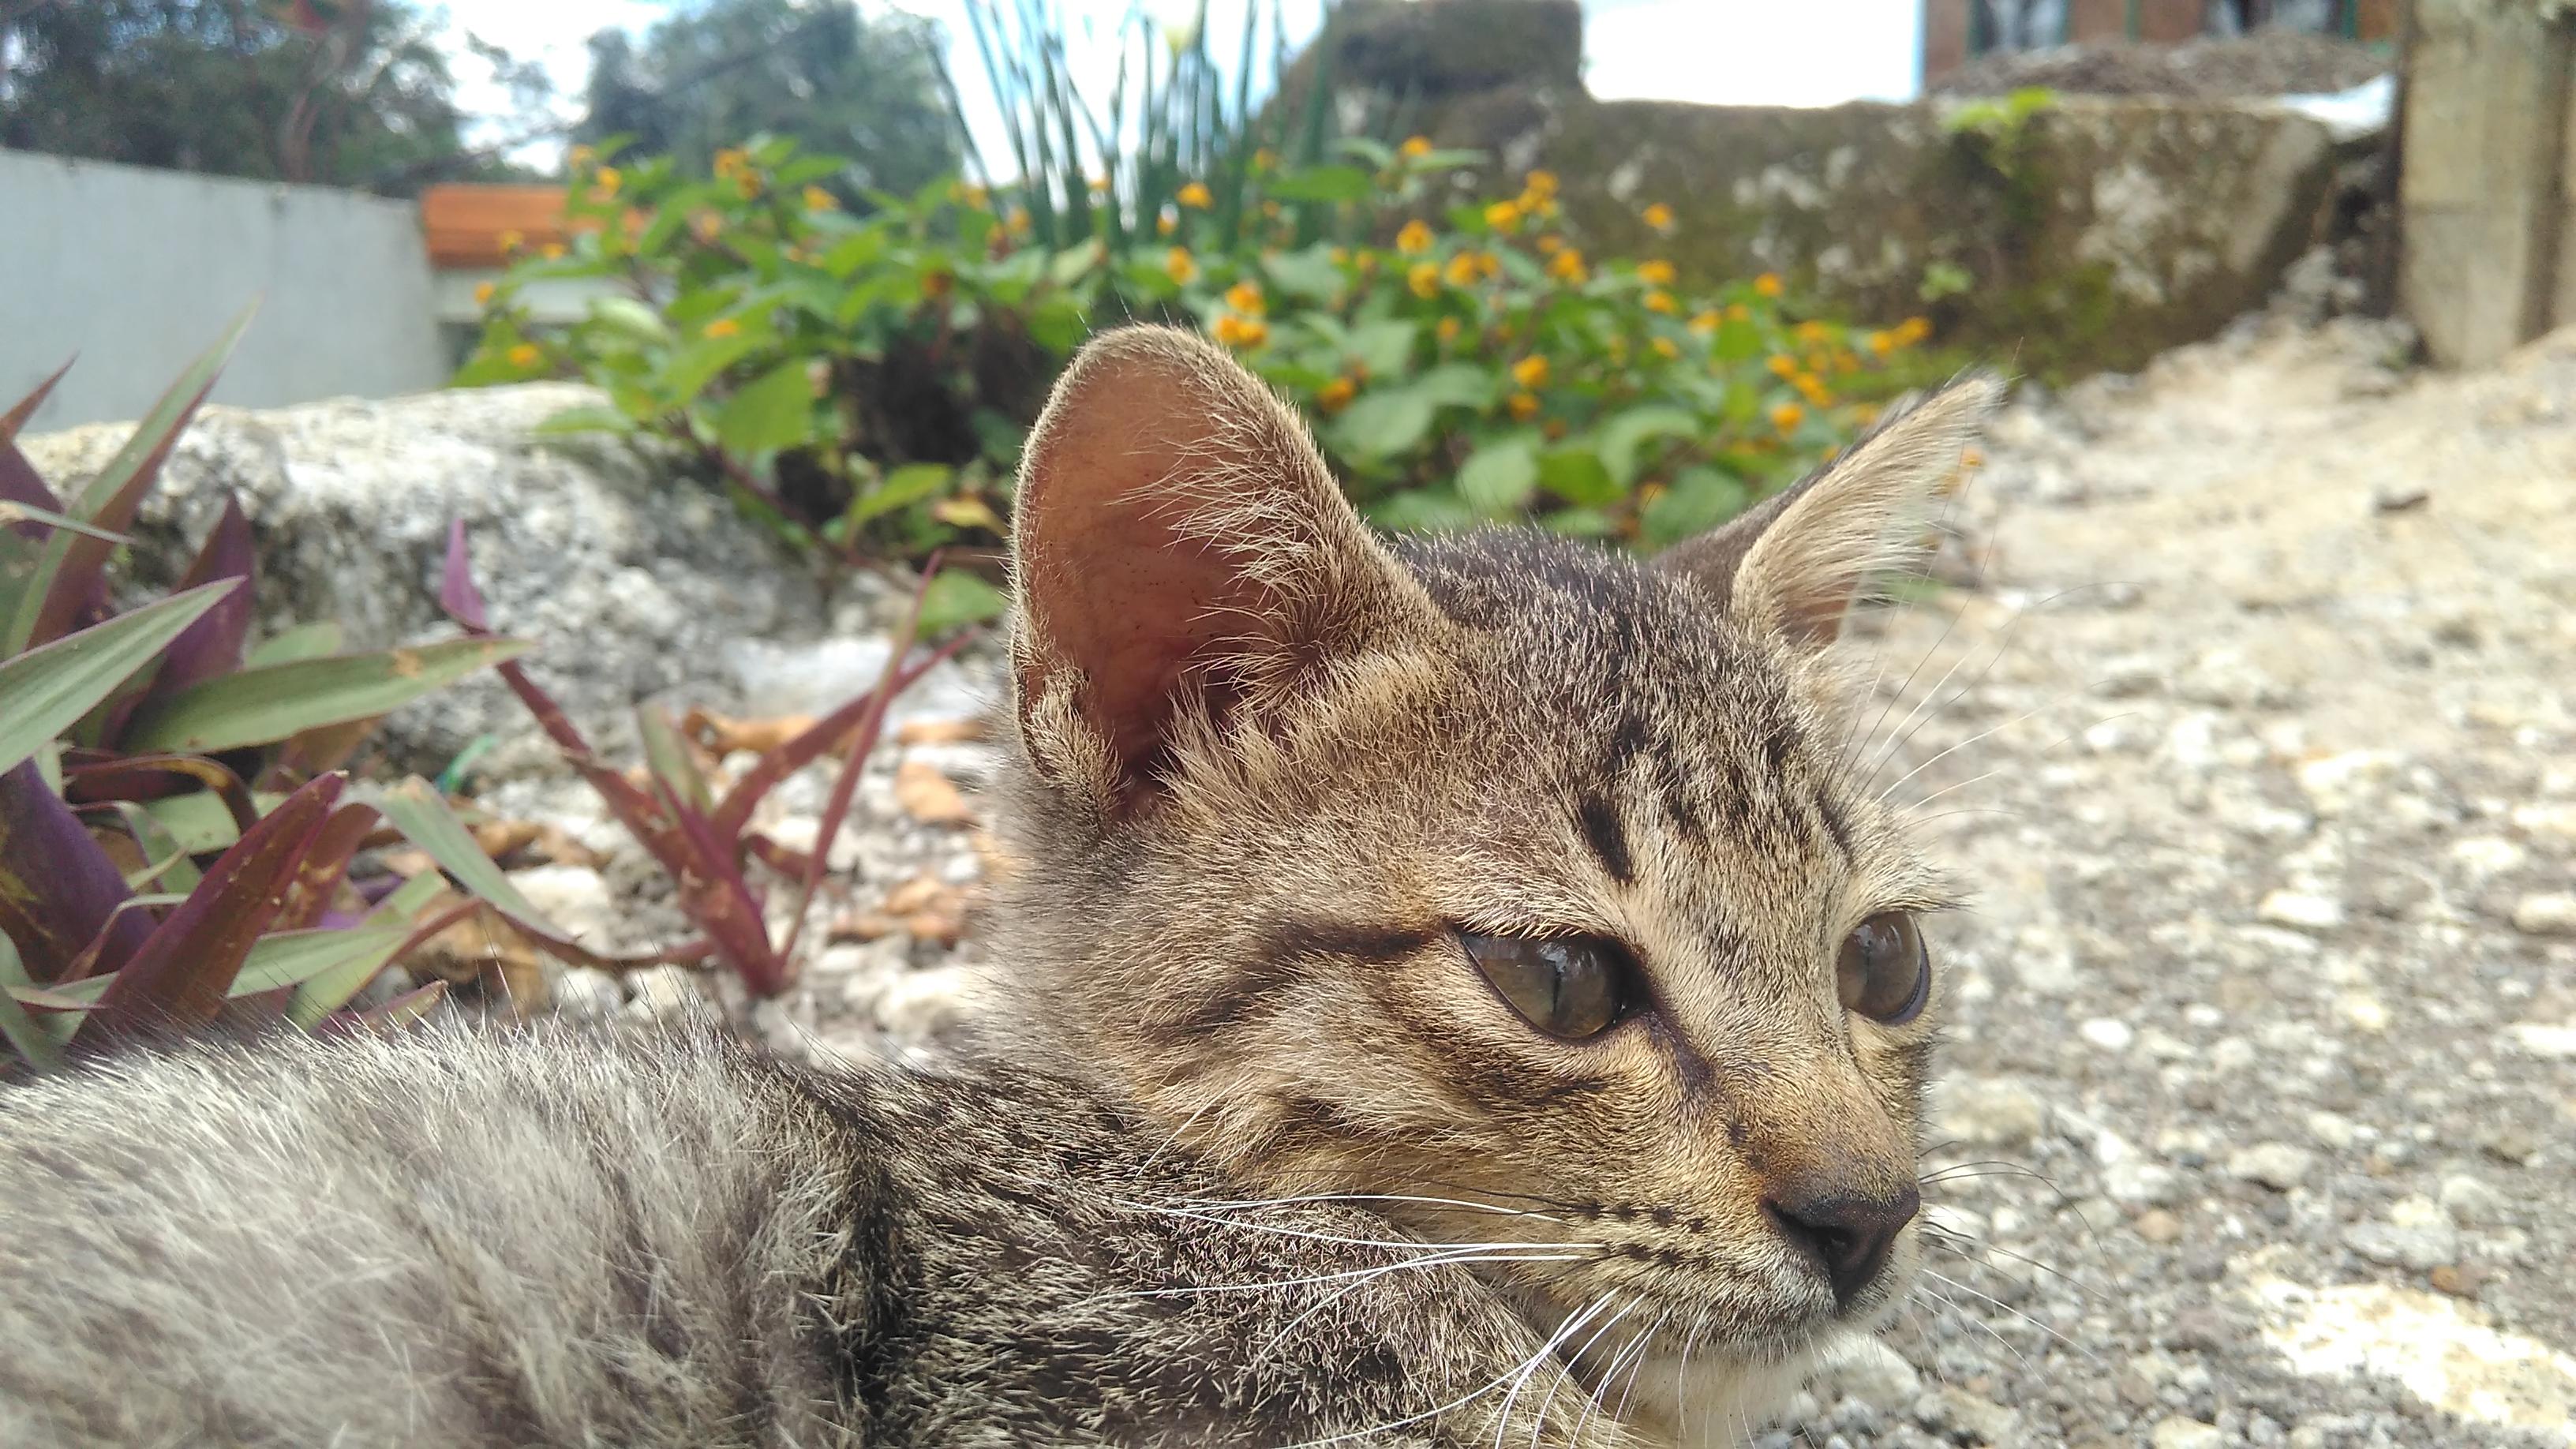 File Kucing Kampung Peliharaan Yang Lucu Dan Imut Jpg Wikimedia Commons